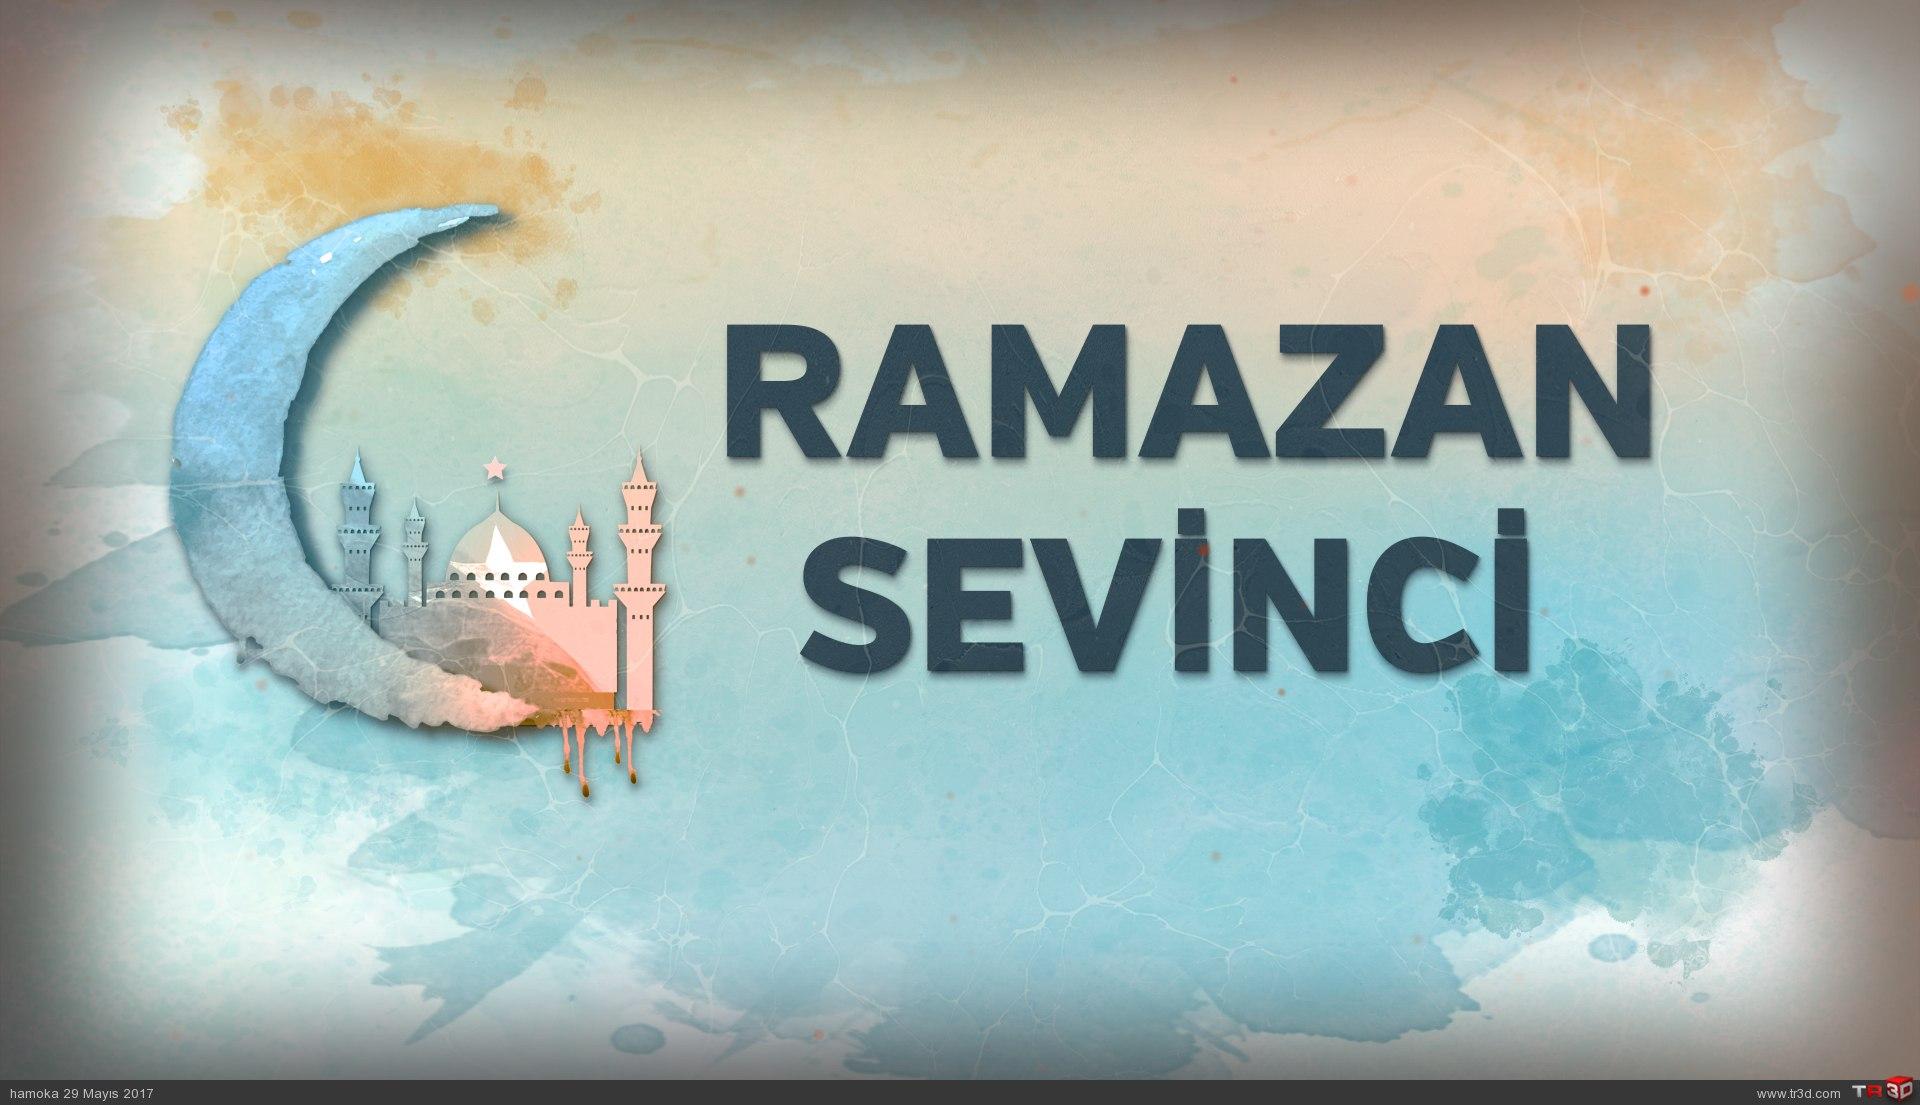 Ramazan Sevinci 3